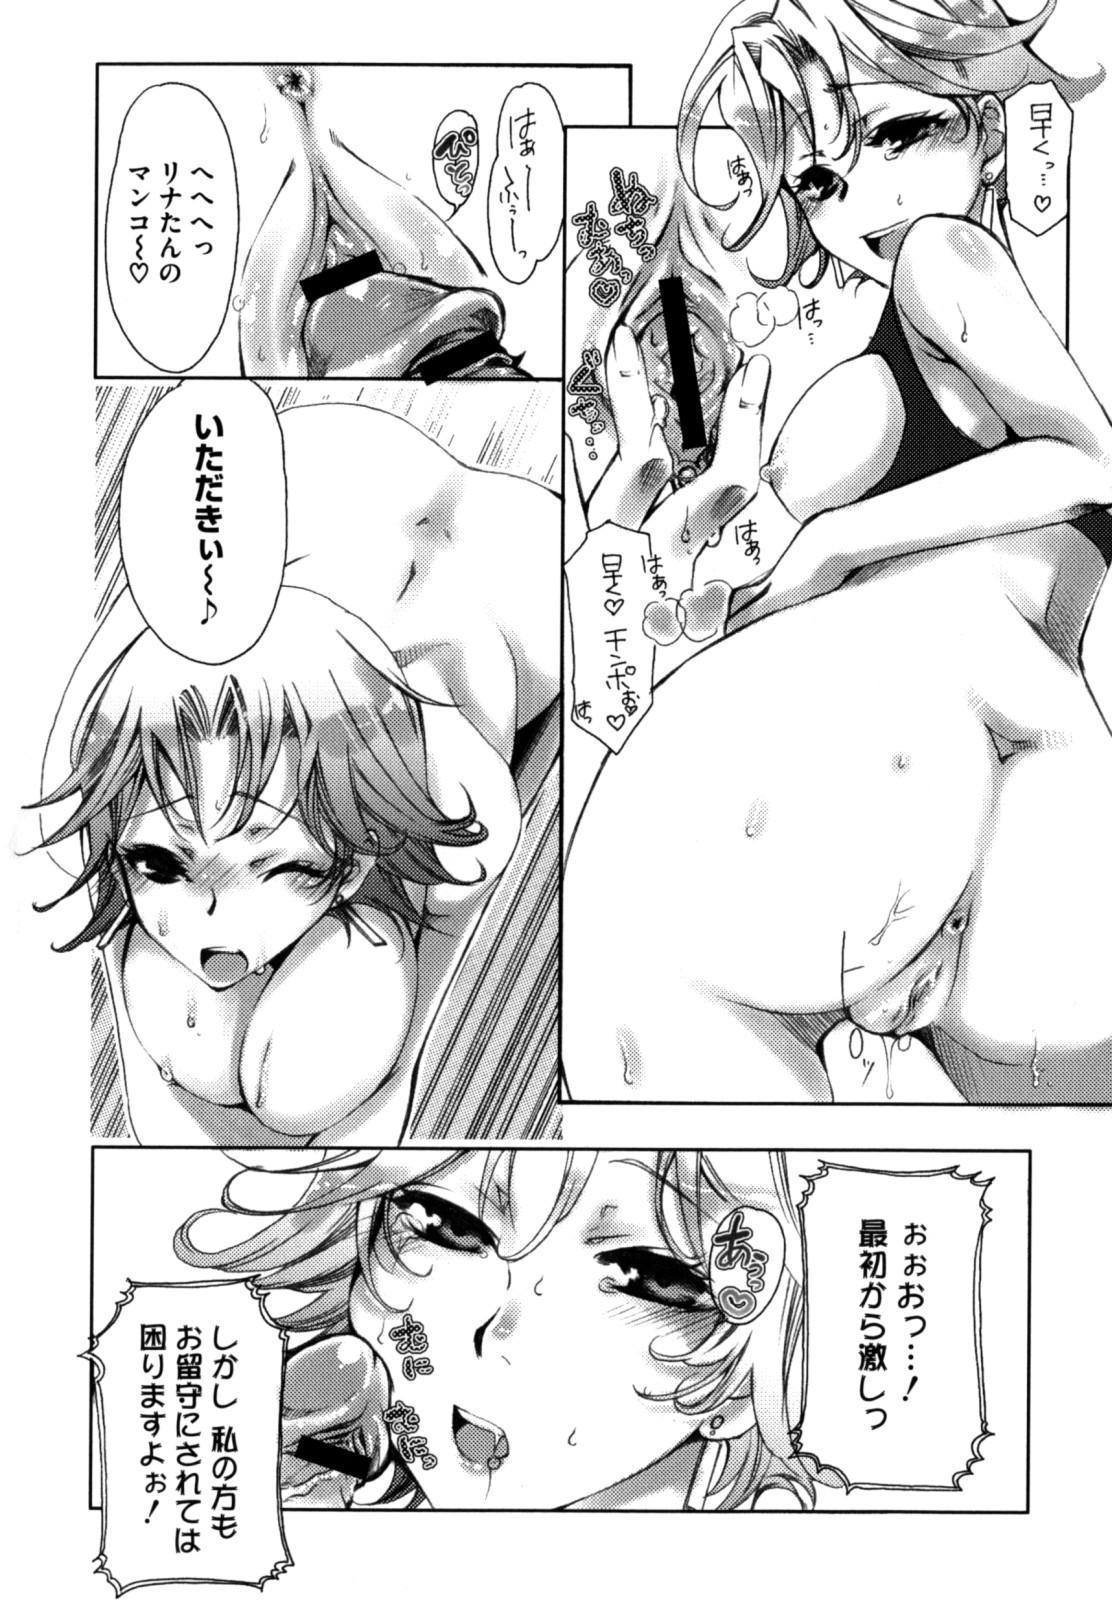 Shikijou no Erosu 11